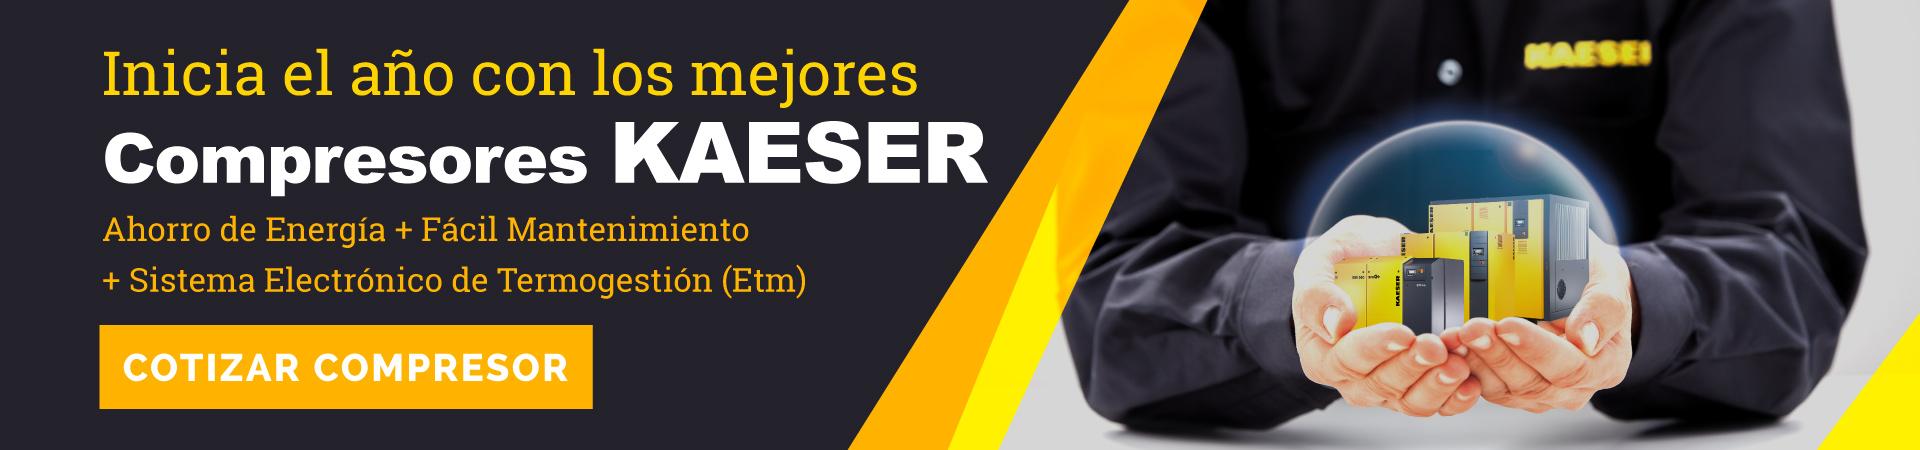 banner-2019-renueva-compresor-aire-sigma-kaeser-yunfer-cotiza-puebla-tlaxcala